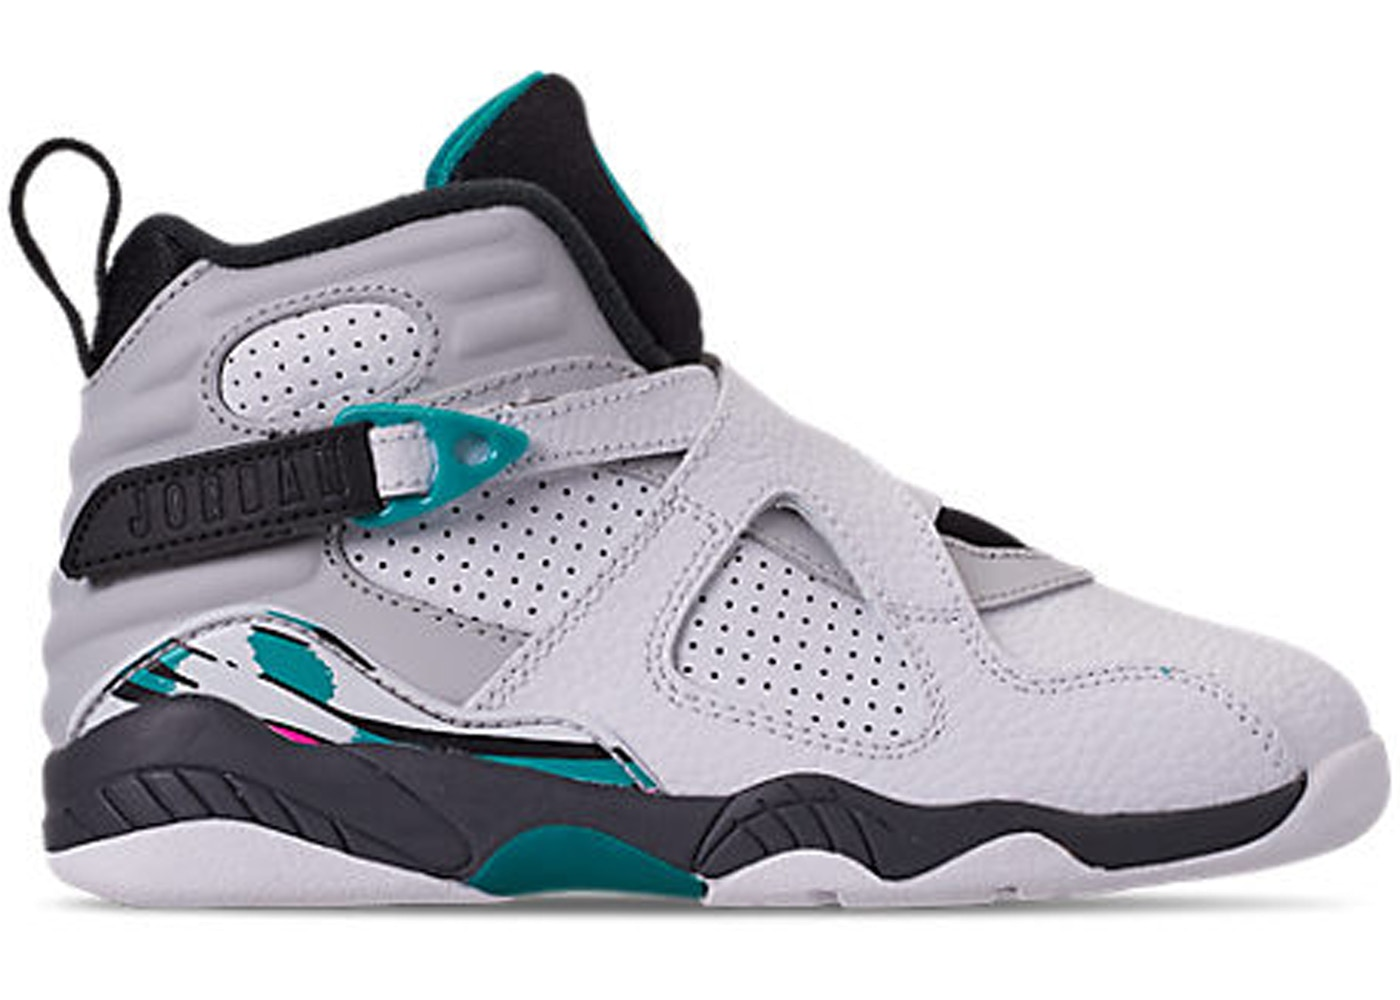 new concept 0c092 8f5c0 Air Jordan 8 Shoes - Lowest Ask